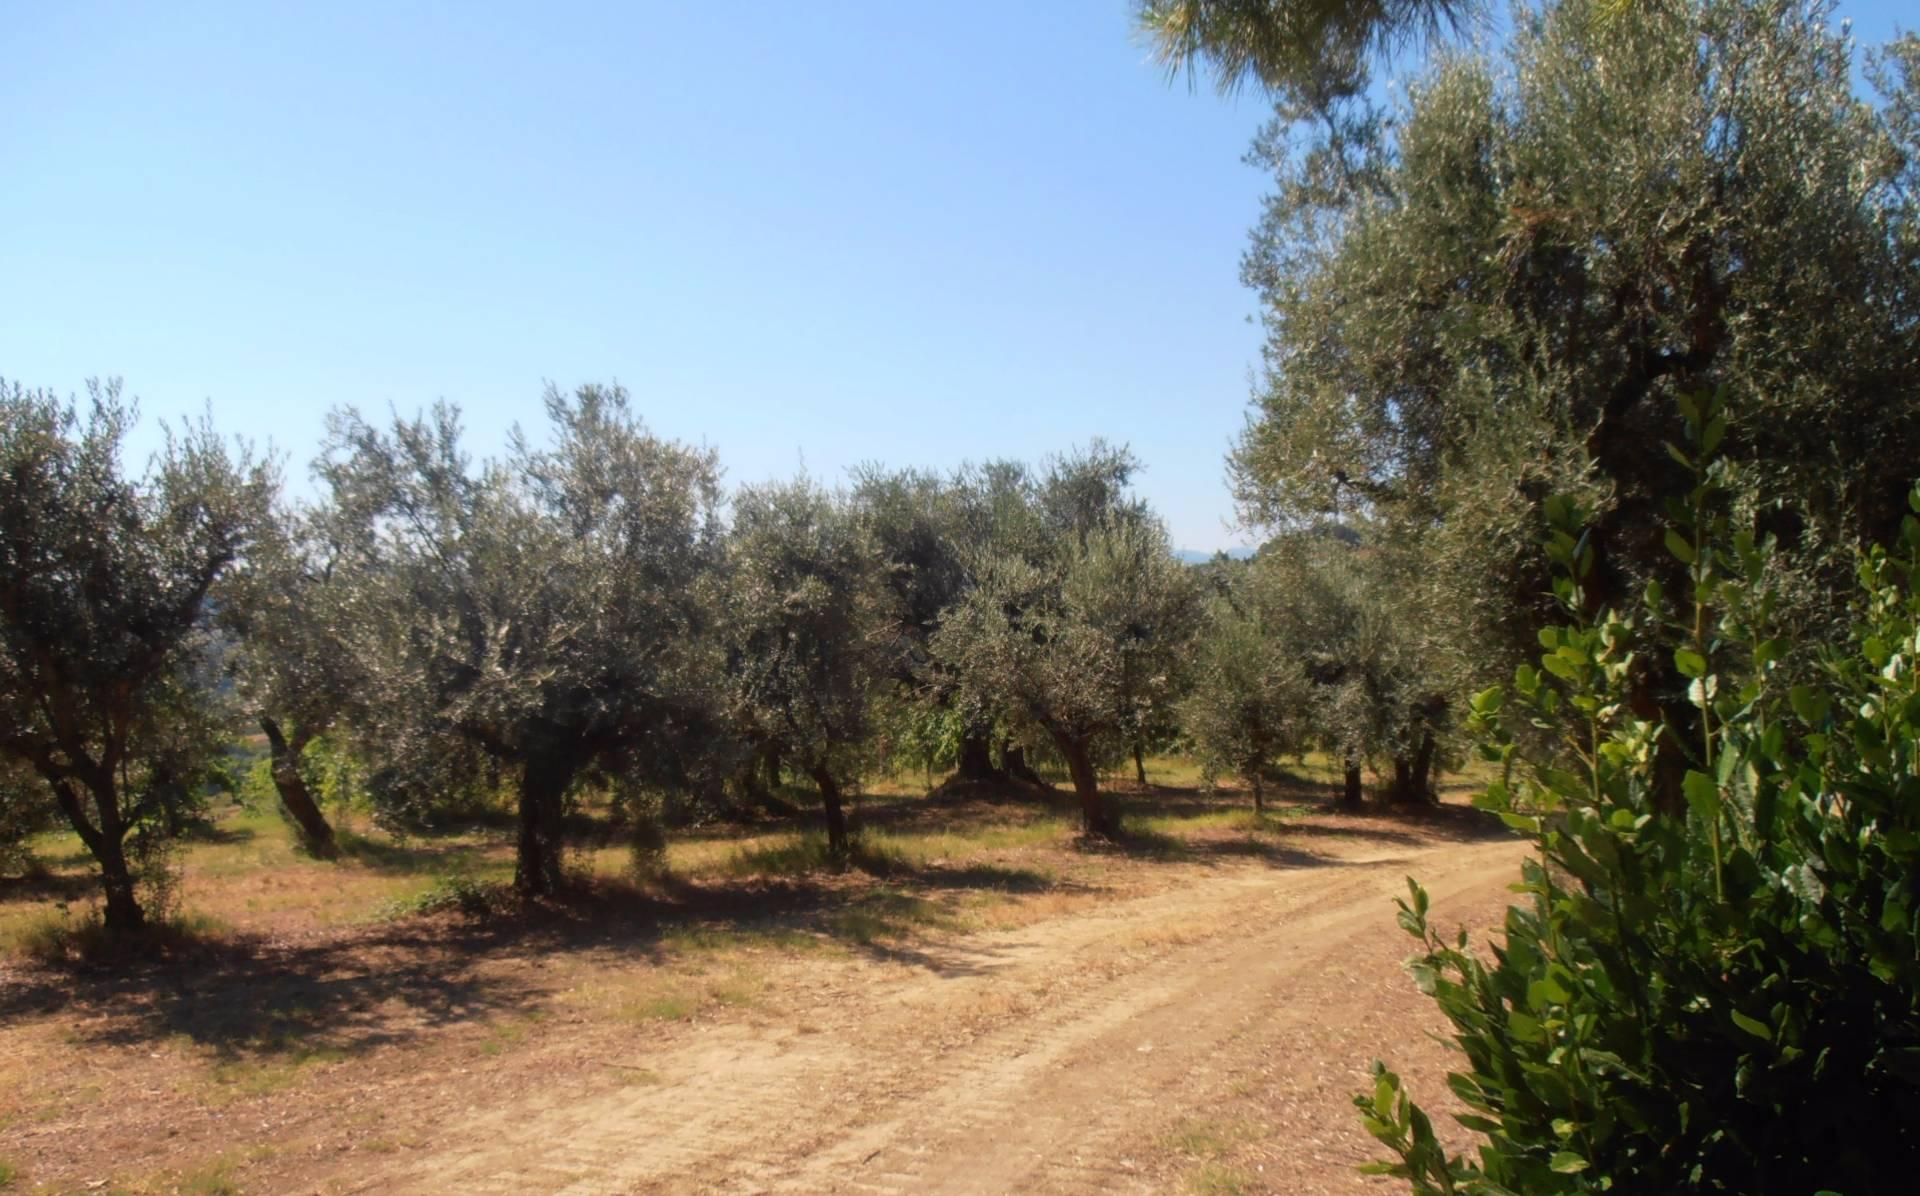 Terreno Agricolo in vendita a Montiano, 9999 locali, prezzo € 1.200.000 | CambioCasa.it